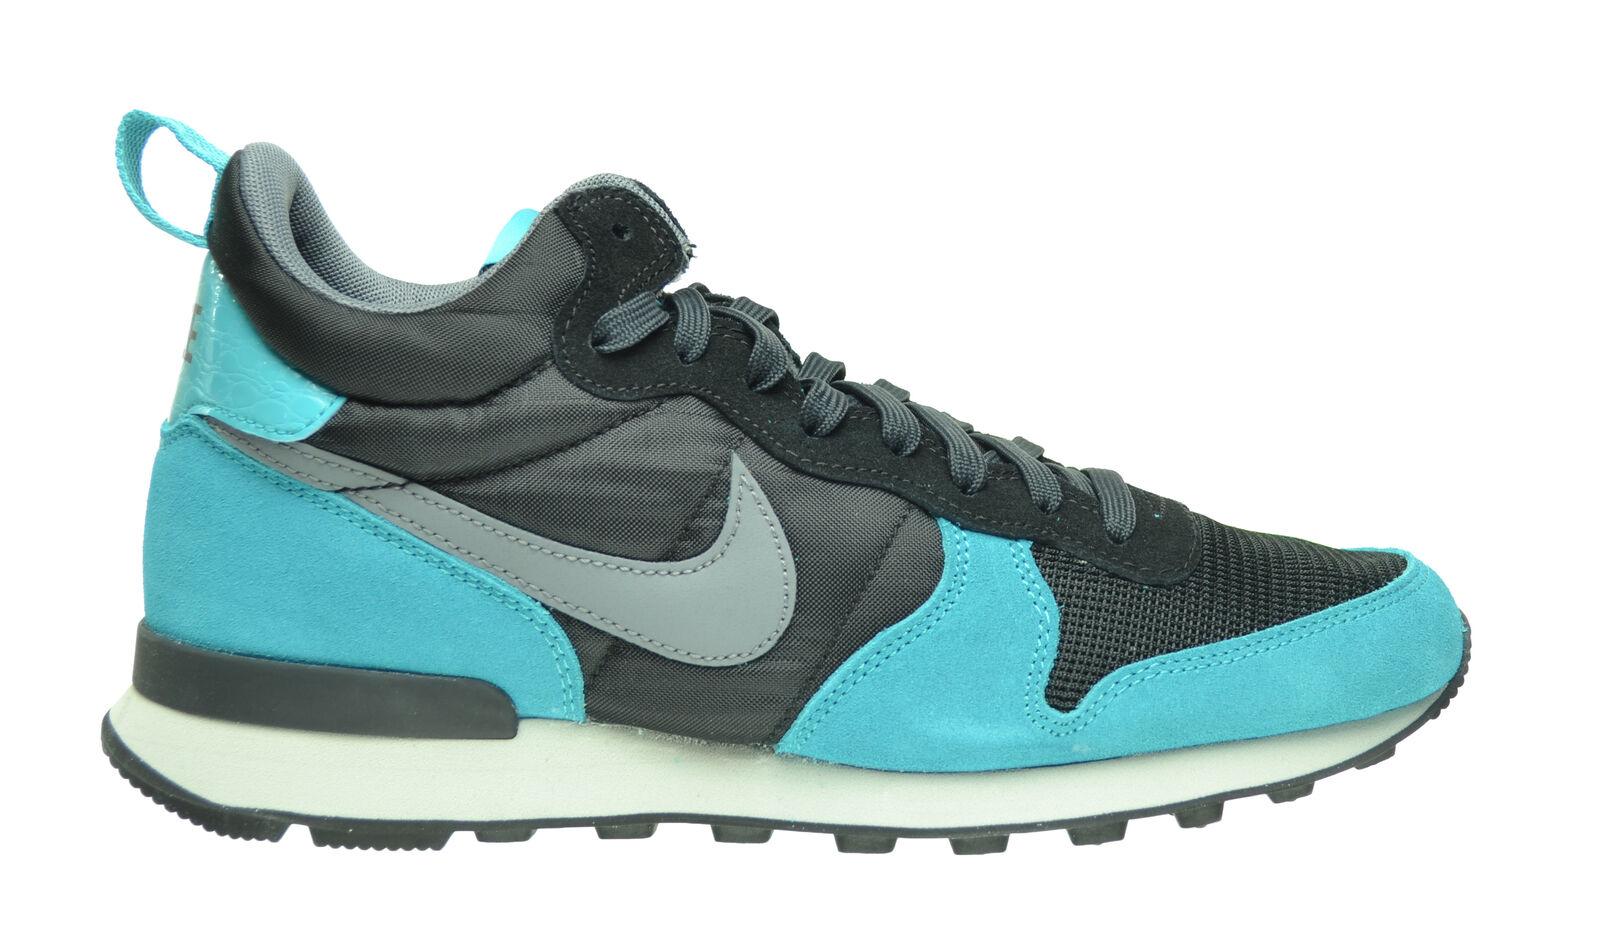 Nike internationalistischen mitte männer / schwarz / männer grau / dusty ccts cool / anthrazit 682844-003 a2d758